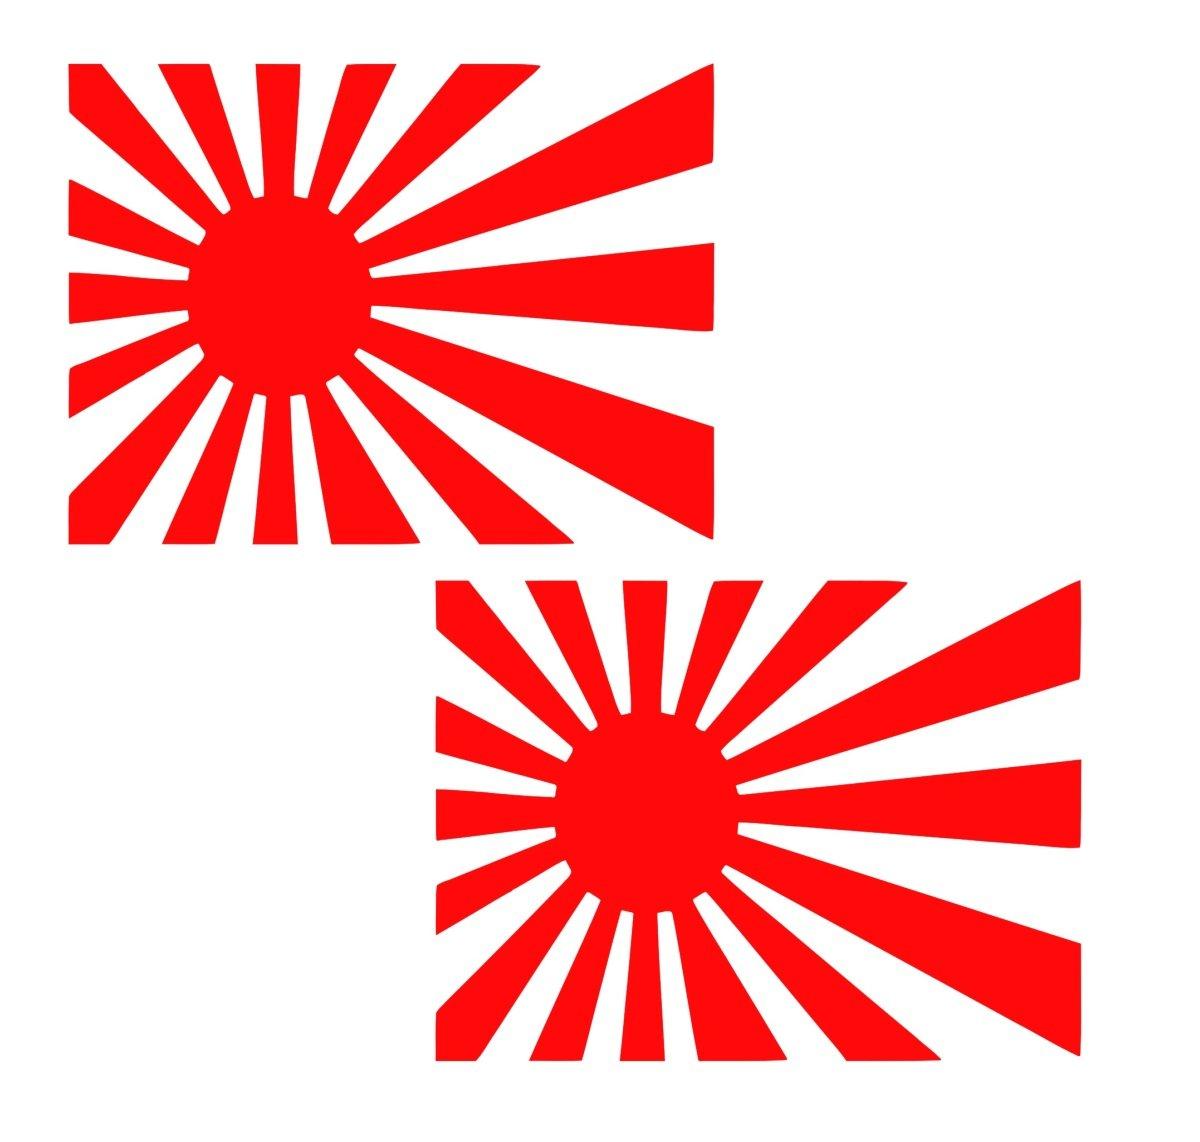 レッド4で。Rising Sun Flag 2 - Packデカールビニールsticker|cars Trucks壁ノートパソコンtablet|red|4 in|jjuri014   B0762FBWT2